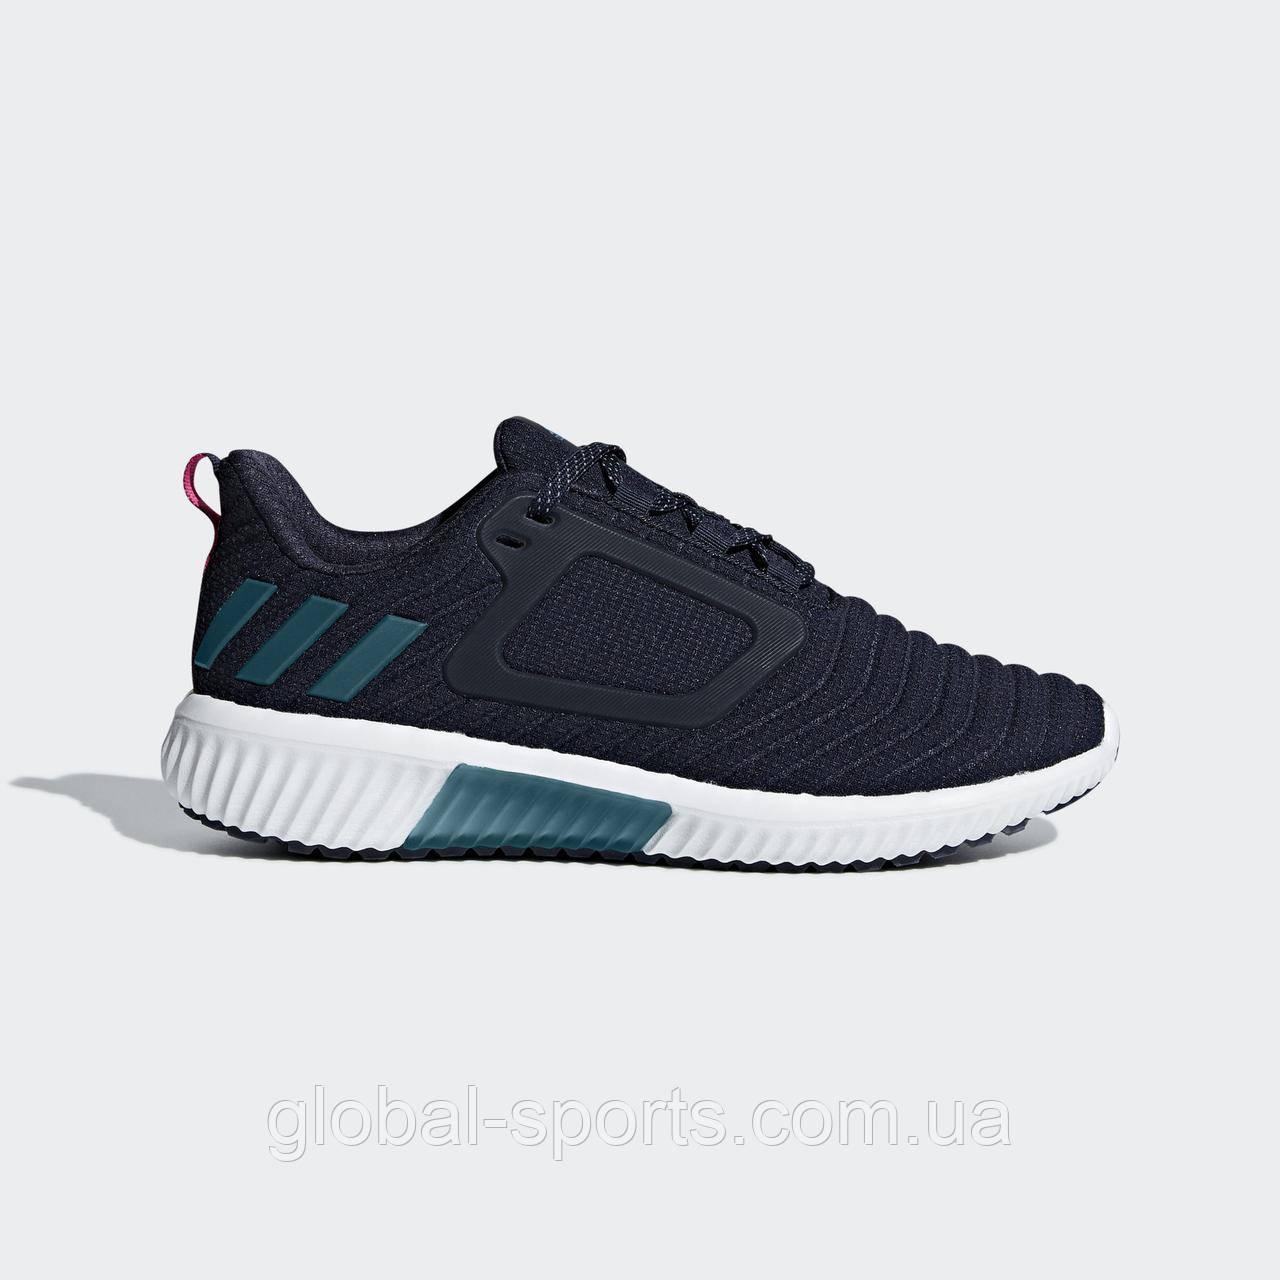 Жіночі утеплені бігові кросівки Adidas Climawarm All Terrain(Артикул:BB6593)